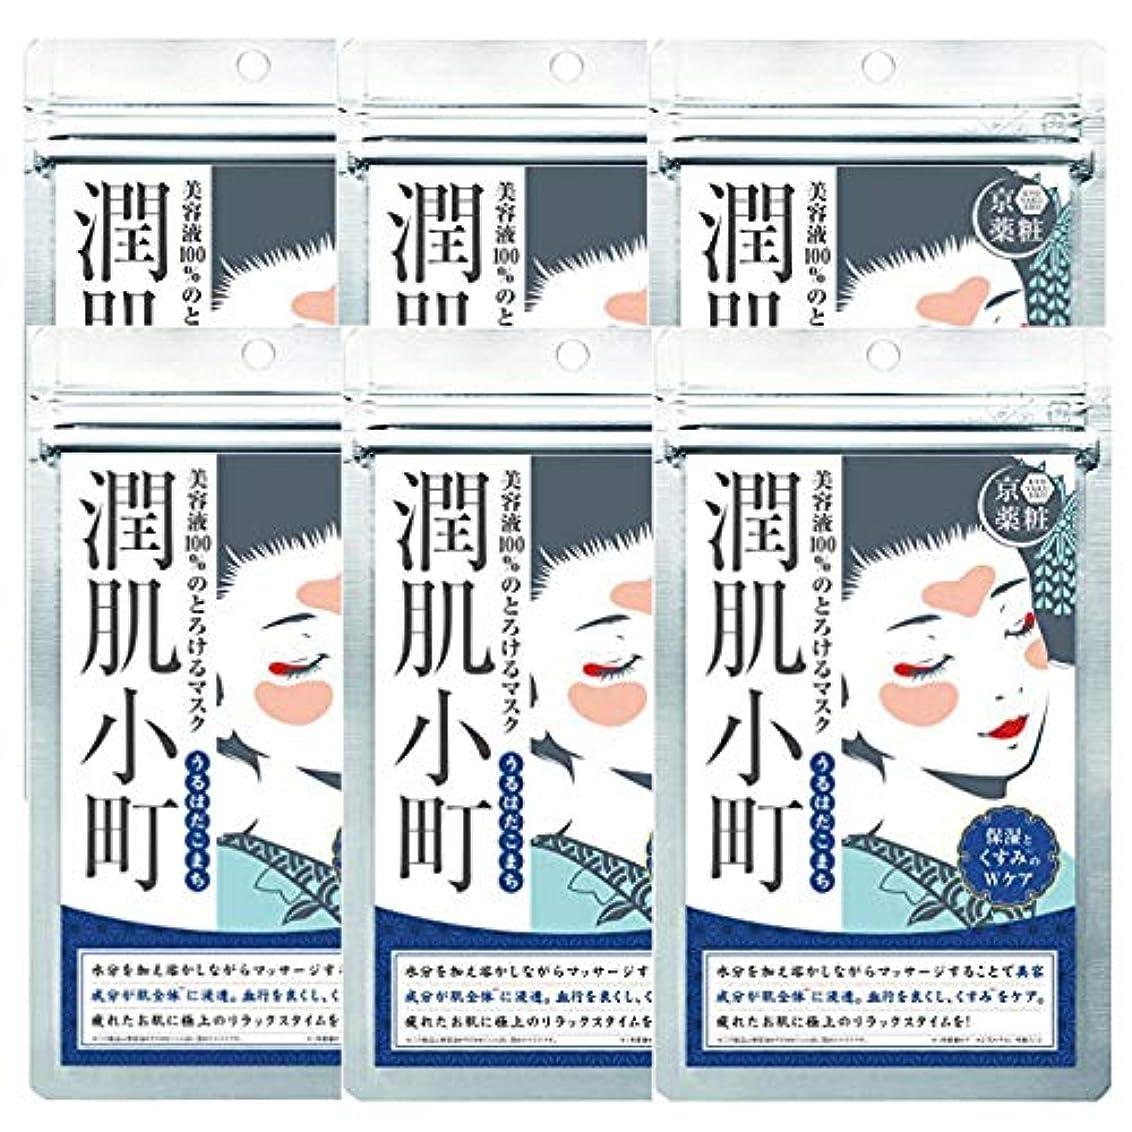 従順な機知に富んだフロント京薬粧 潤肌小町 潤いマスク ×6セット